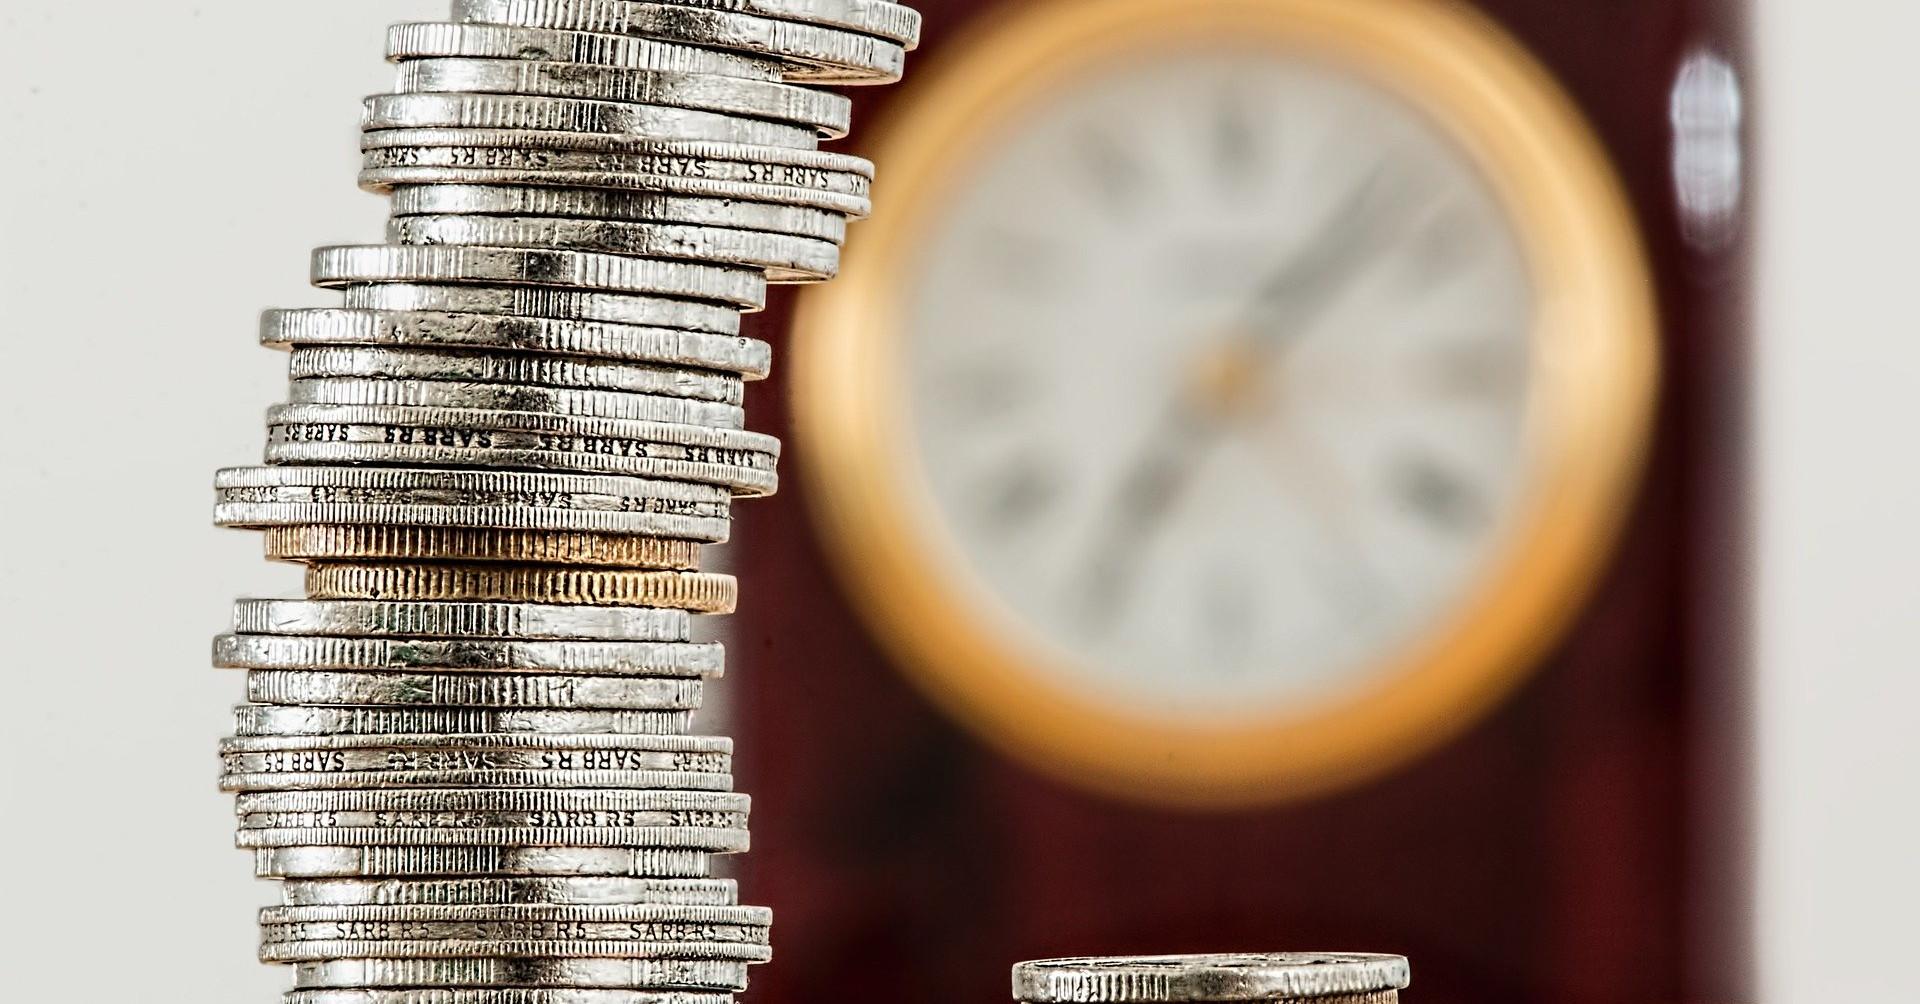 mit kell tenni, hogy nagy pénzt keressen keresni satoshi befektetés nélkül